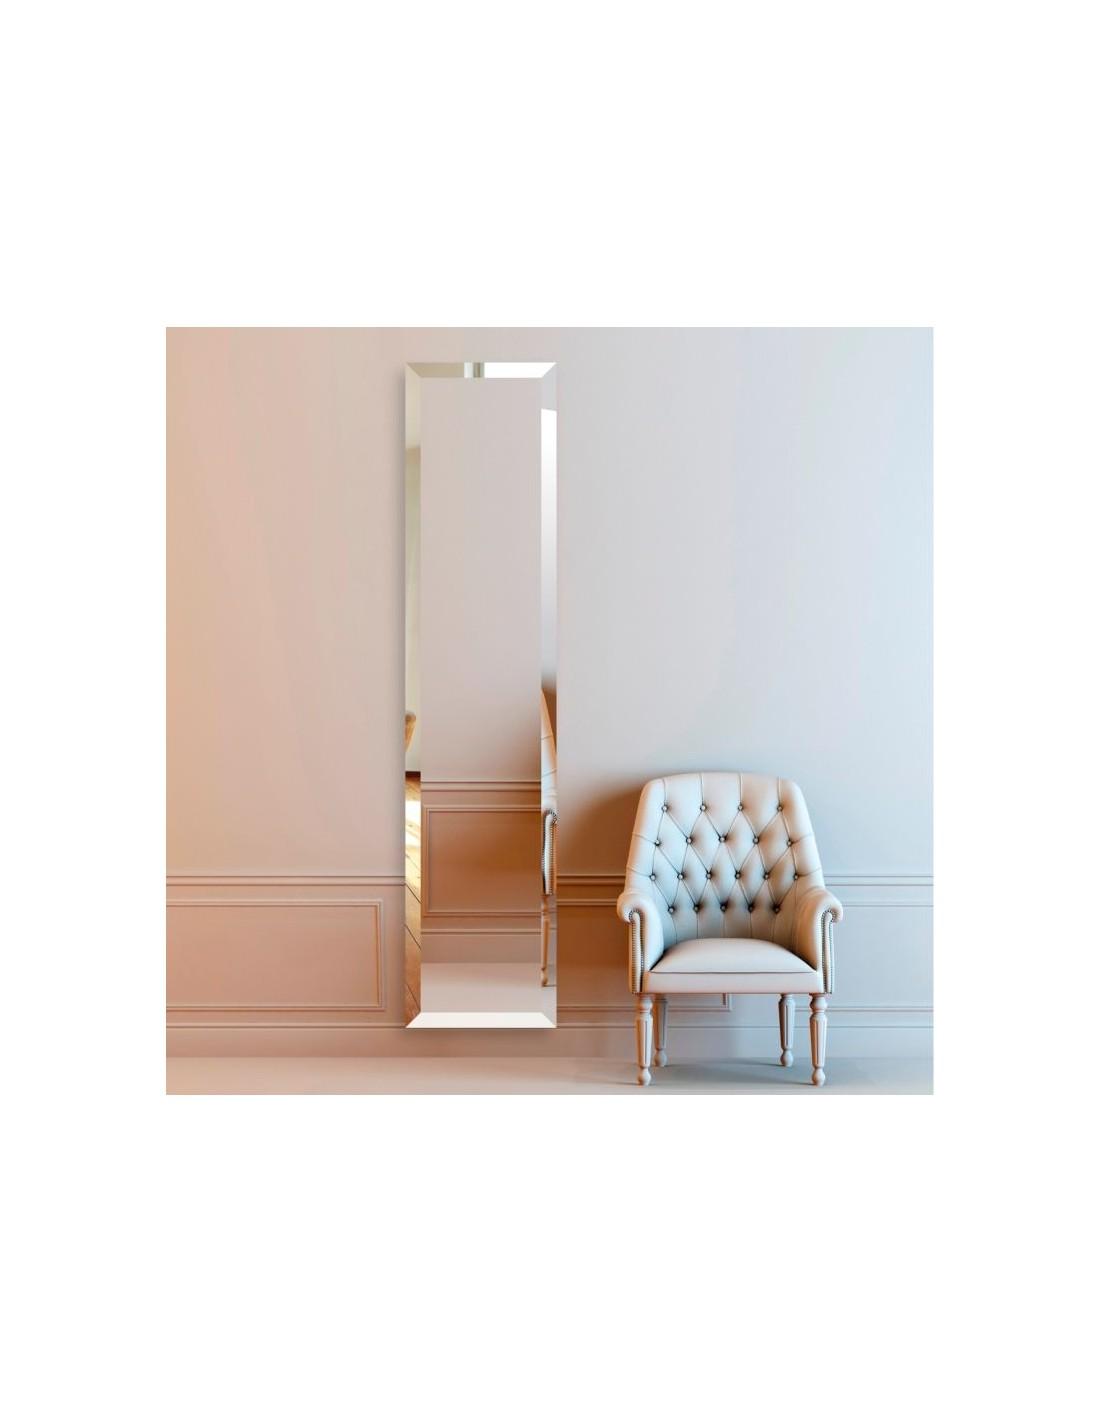 Sèches-serviettes miroir Bizo de Cinier mise en scène